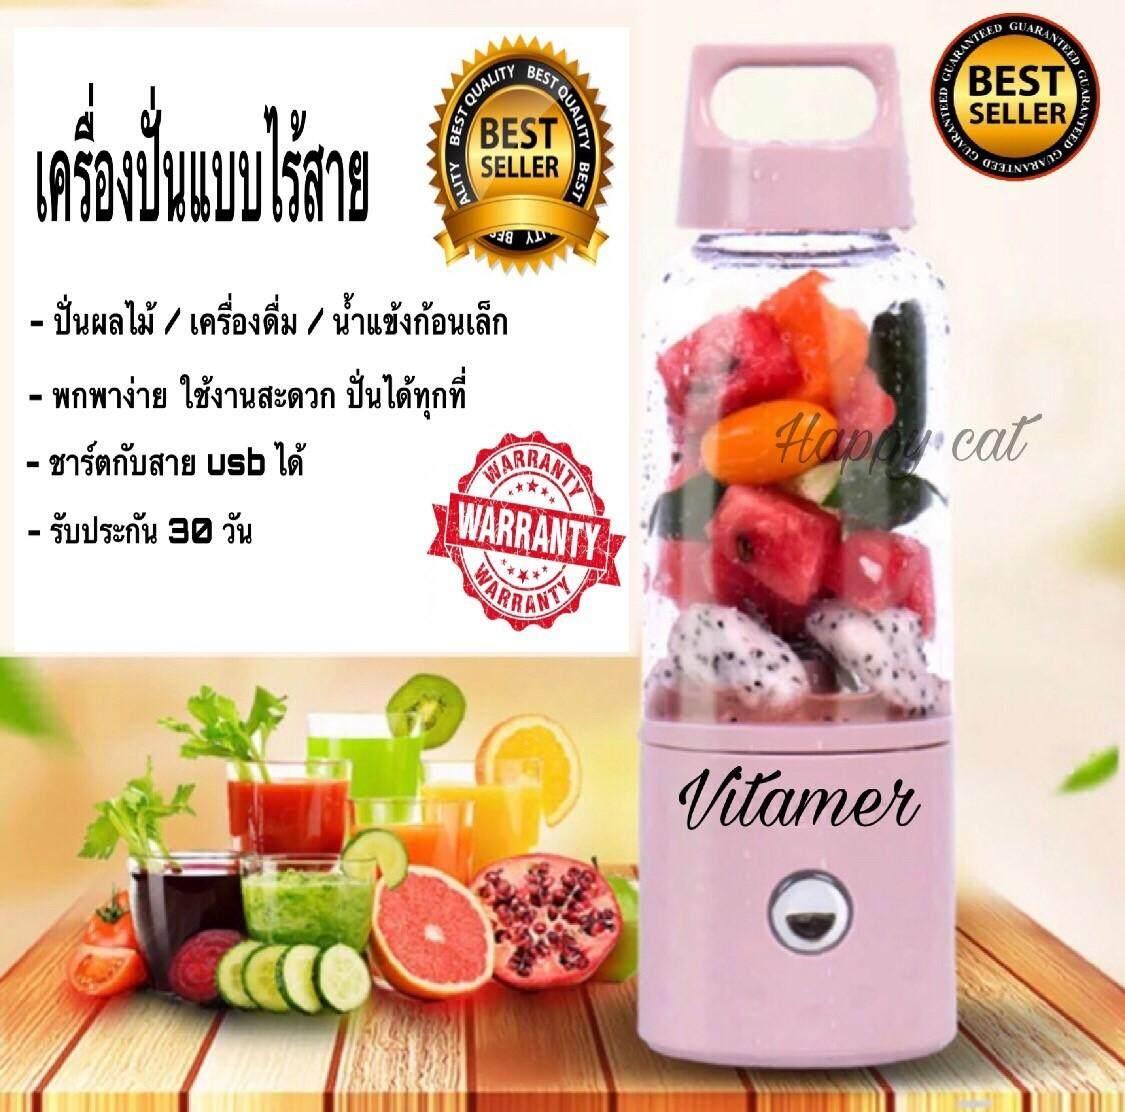 Vitamer สีชมพู แก้วปั่นพกพา Vitamer แก้วปั่นไร้สาย แก้วปั่นน้ำผลไม้ แก้ว สีชมพู แก้วปั่นพกพา Vitamer แก้วปั่นไร้สาย แก้วปั่นน้ำผลไม้ แก้วปั่นผลไม้ พกพา เครื่องปั่น สมูทตี้  (สินค้าพร้อมส่ง & ส่งไว 100%) ขนาด 500 ML มีรับประกันเปลี่ยนเครื่องภายใน 30 วัน